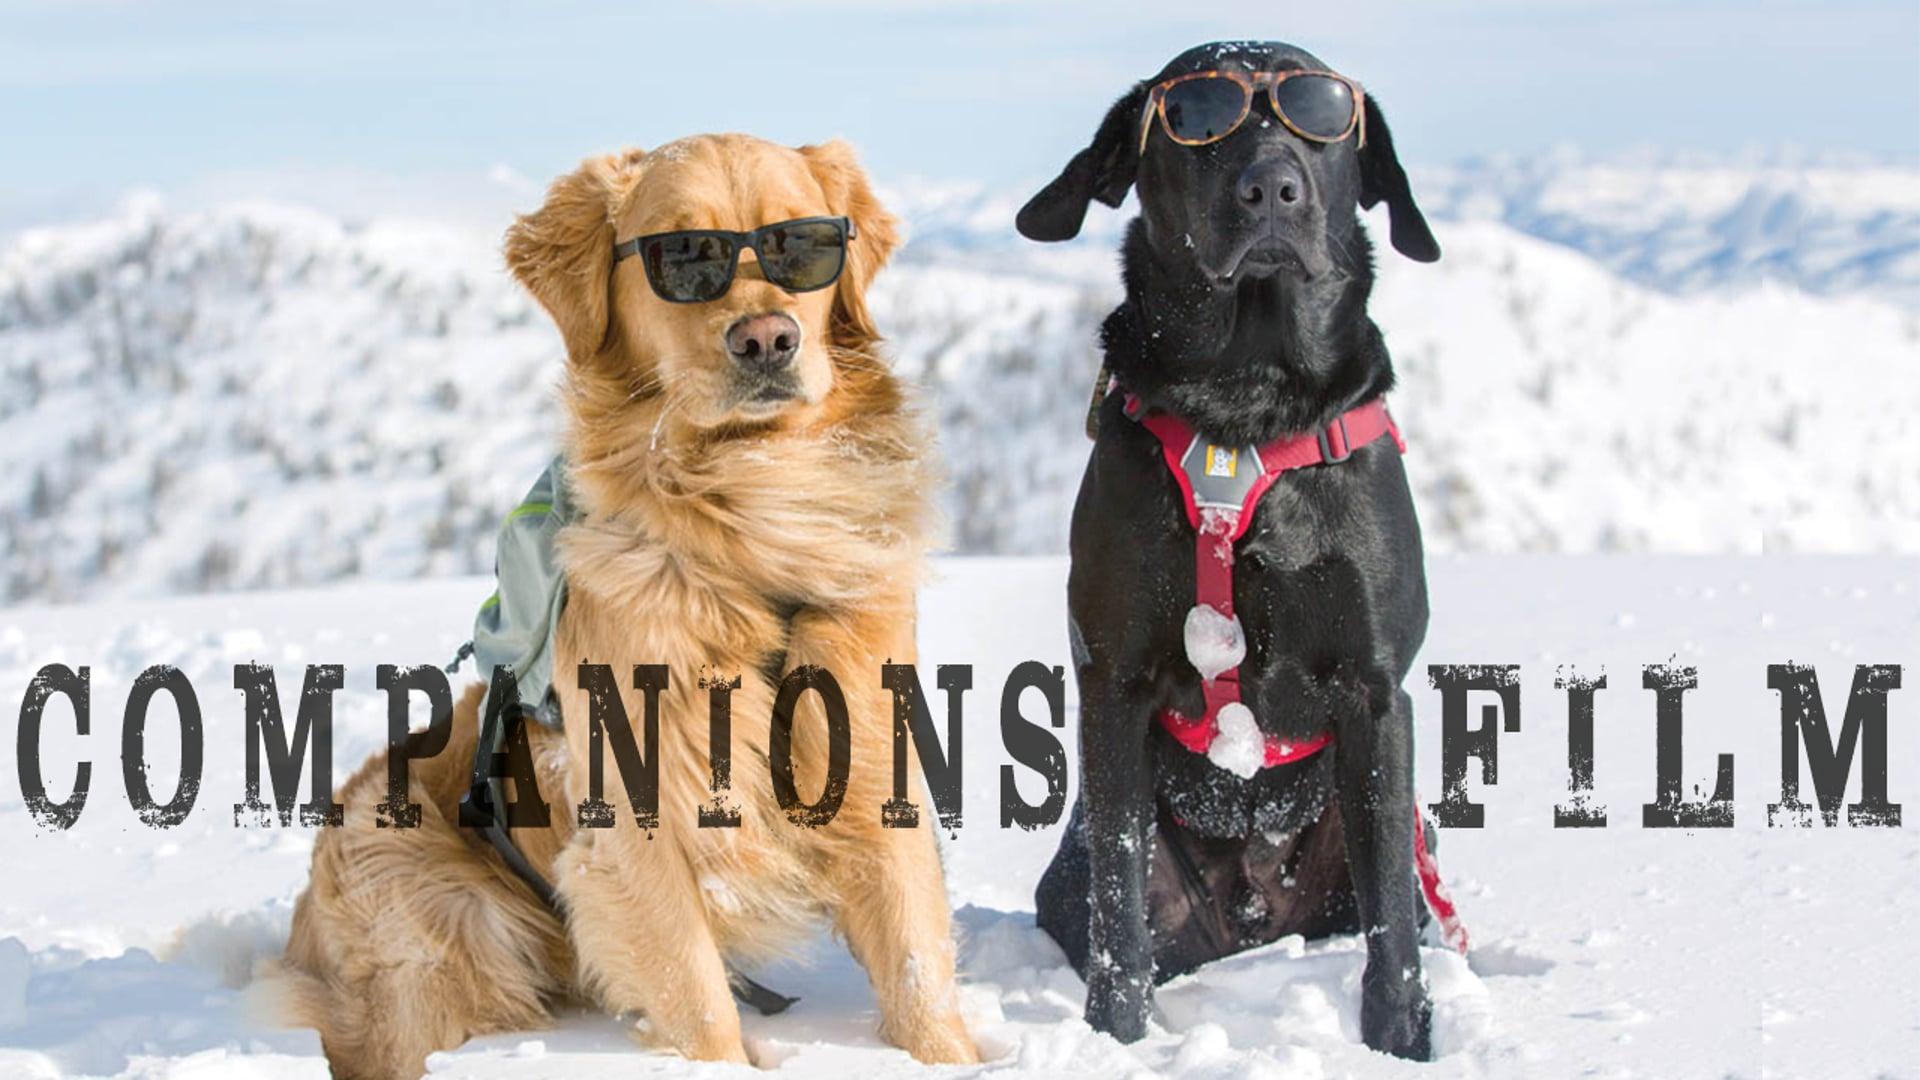 Companions Film: Trailer